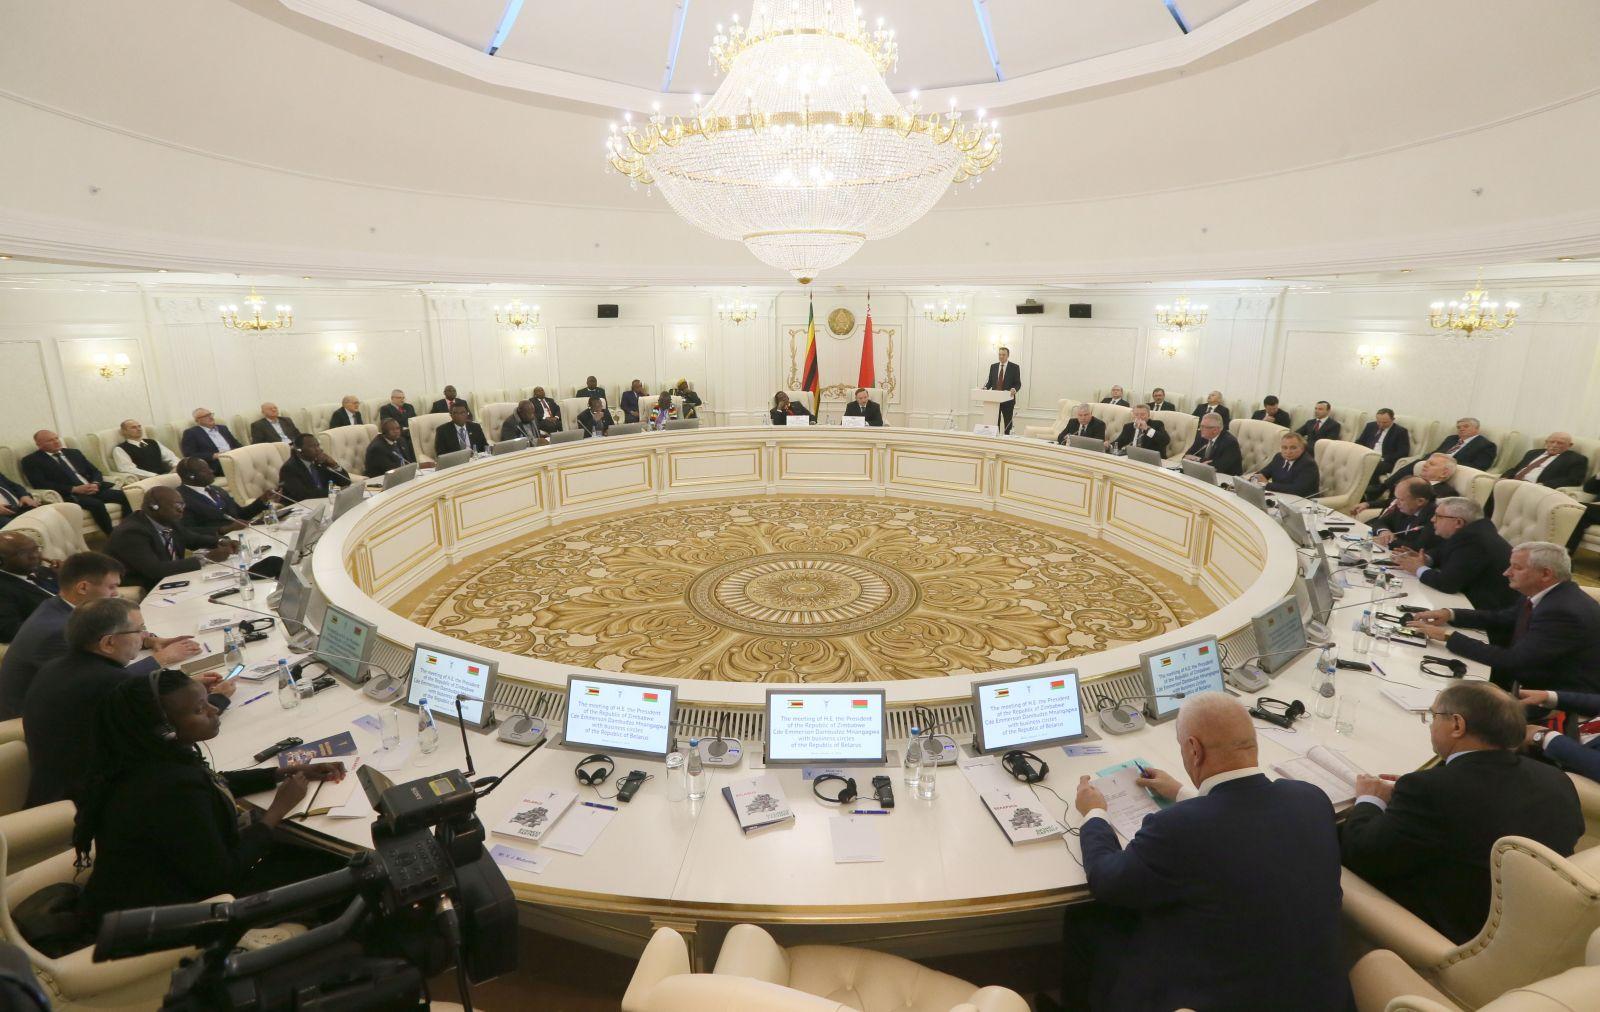 225487,01 Беларусь и Зимбабве могут выйти на масштабное экономическое сотрудничество - Шейман